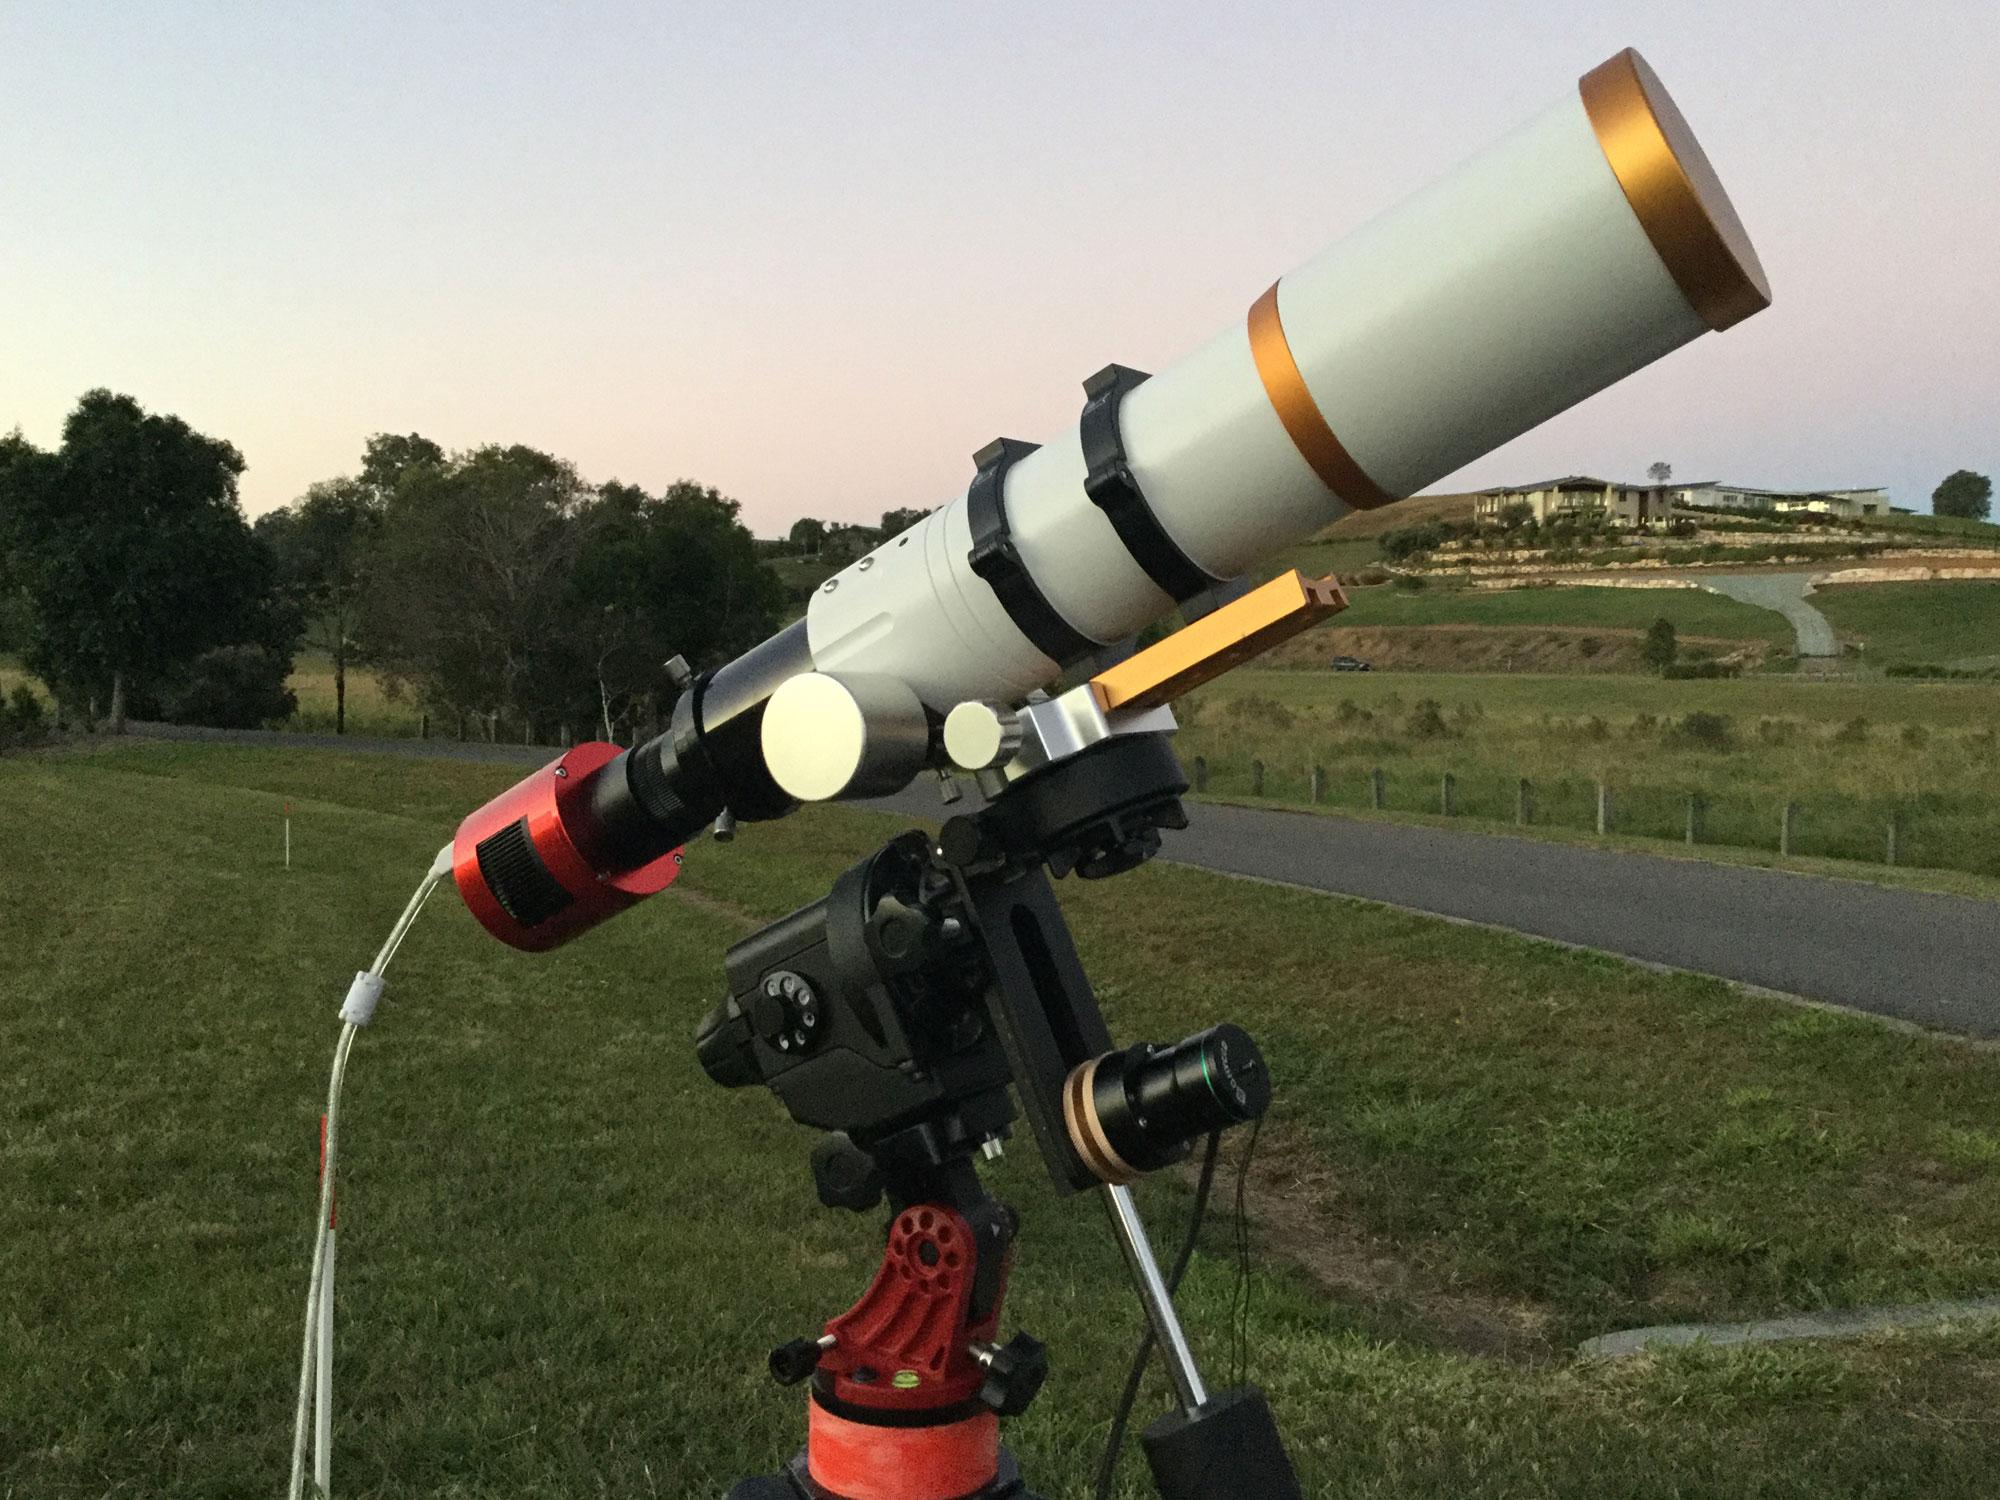 William Optics GT71 equipment configurations